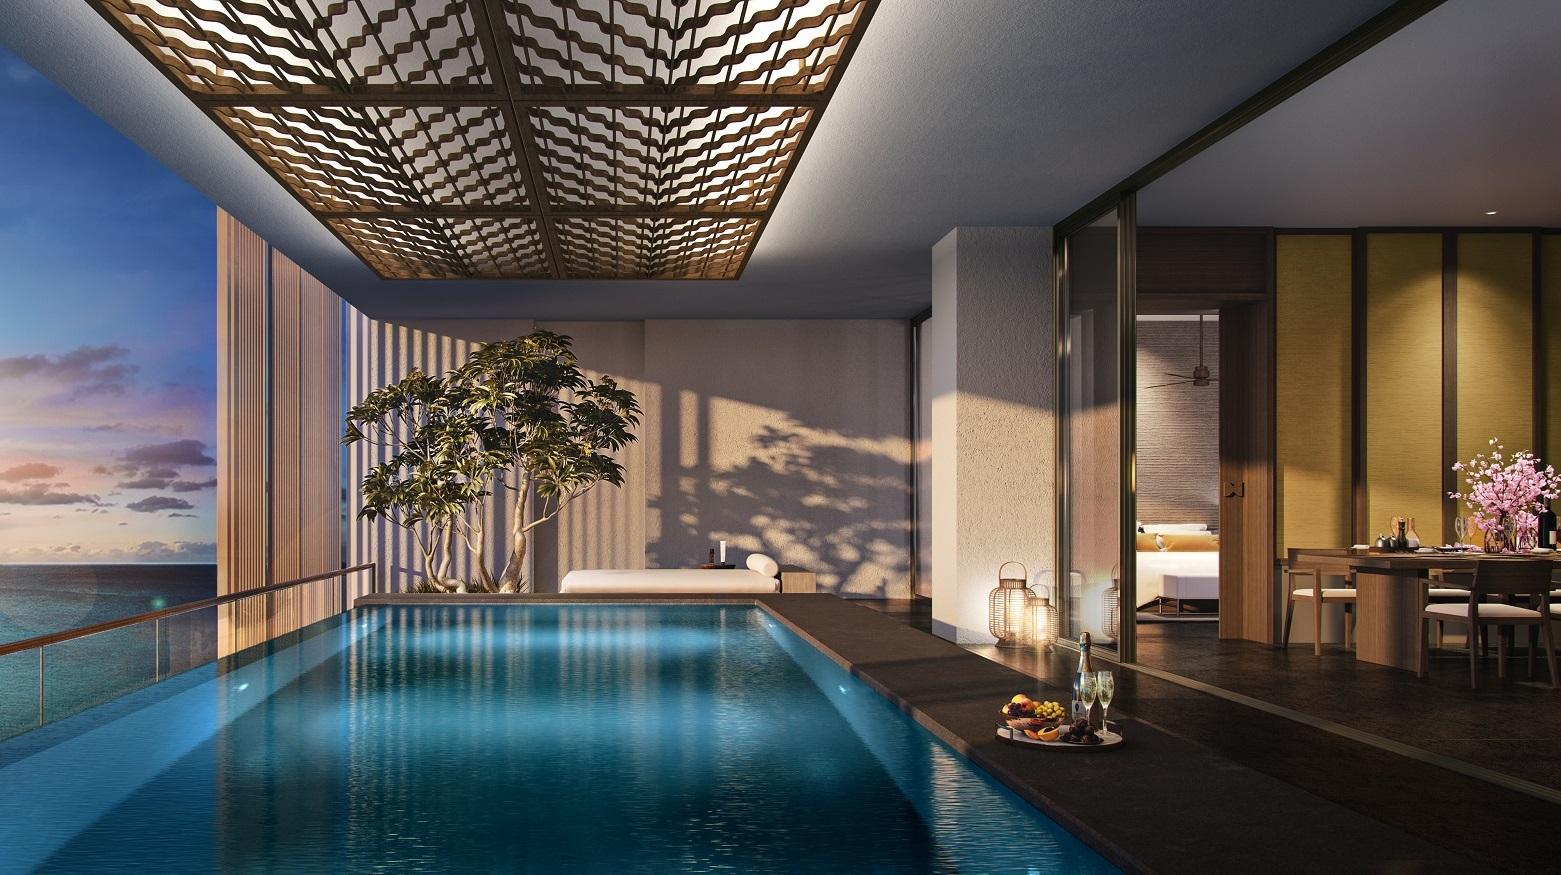 Sky Villas Regent, xúc cảm thăng hoa từ độc bản thiết kế 2